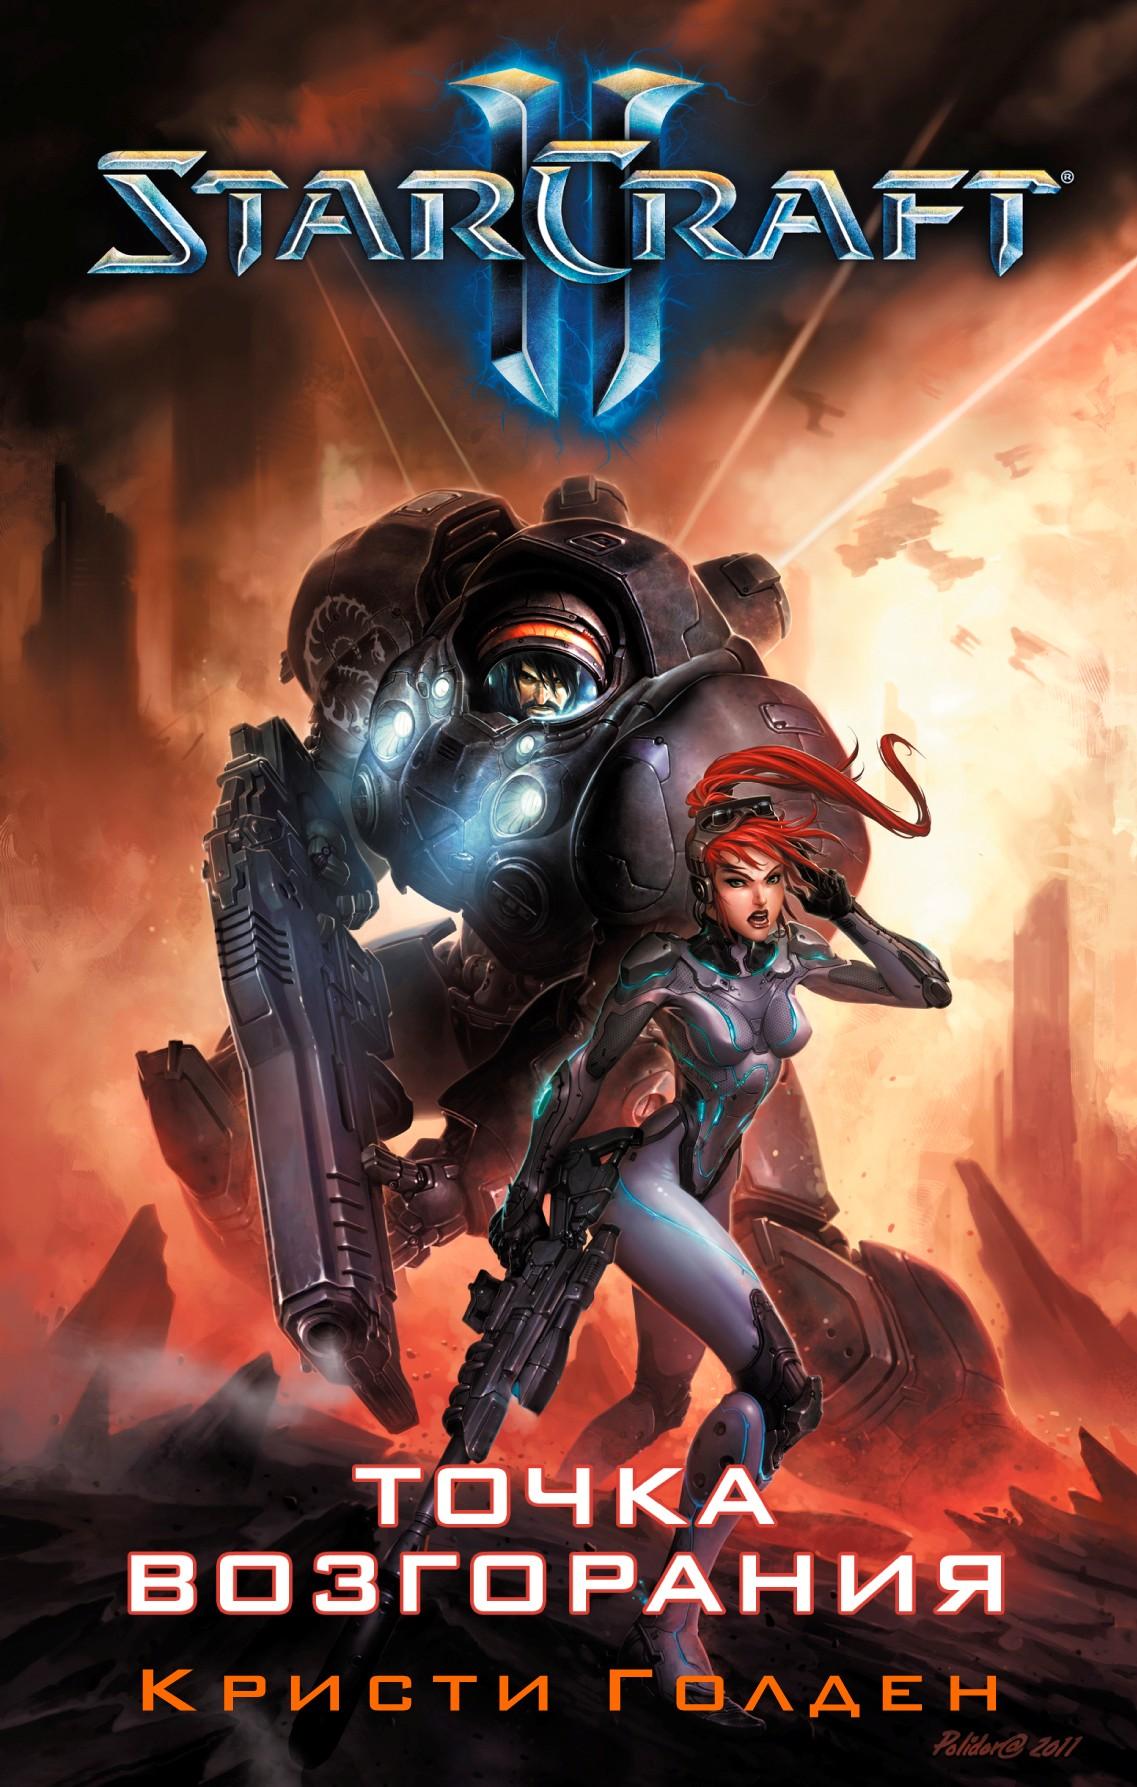 StarCraft II. Точка возгорания. PDF.